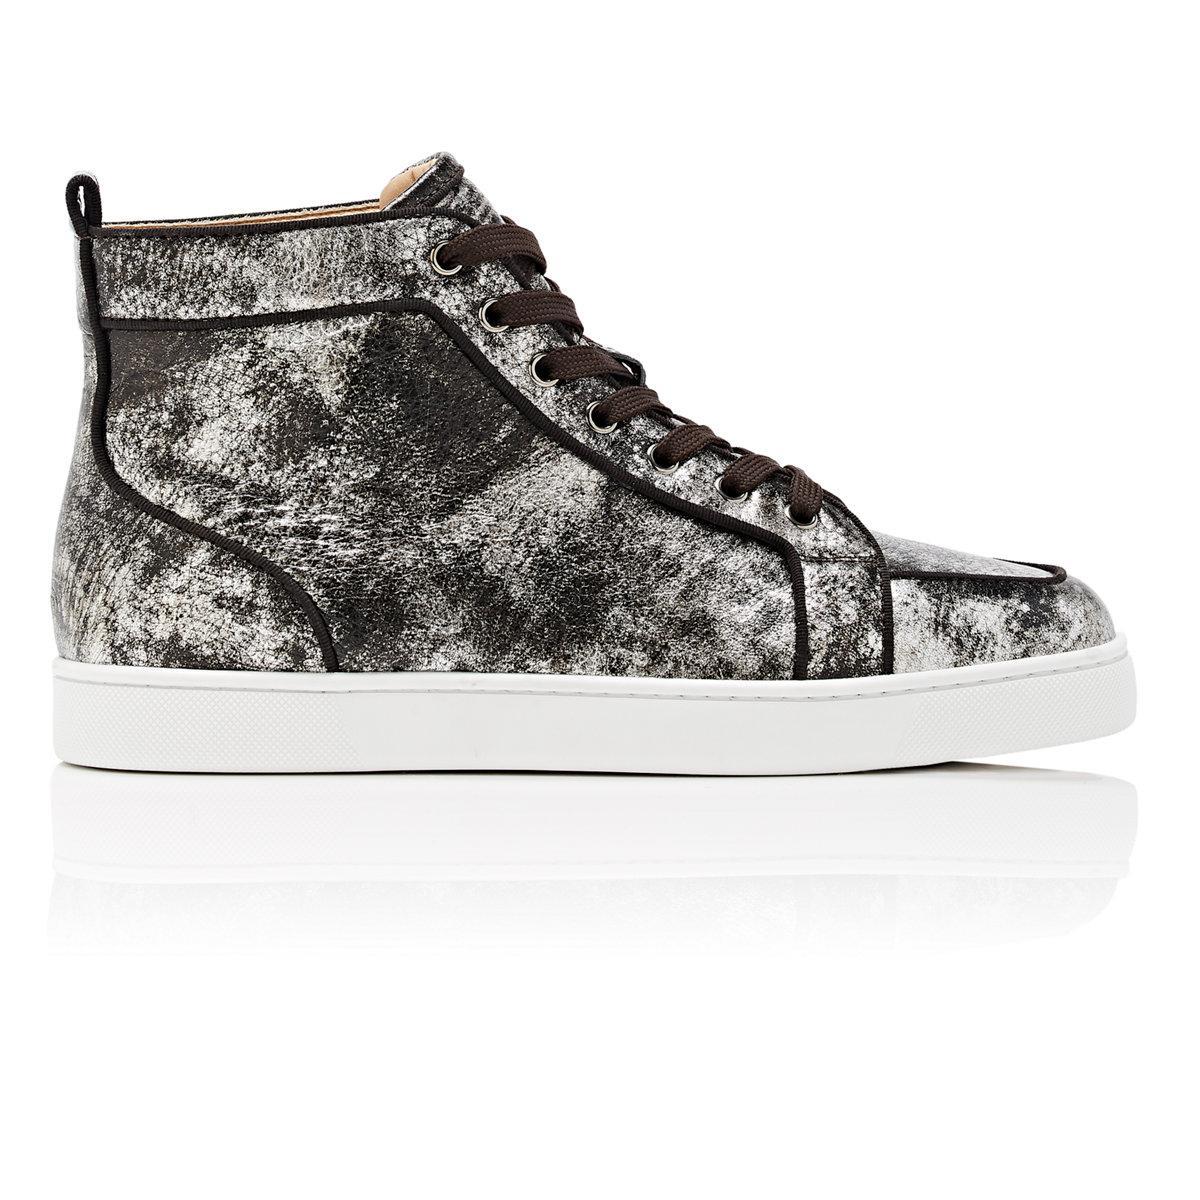 a522fb18fa4c ... clearance christian louboutin. womens metallic rantus orlato flat  leather sneakers 79da9 9e81e